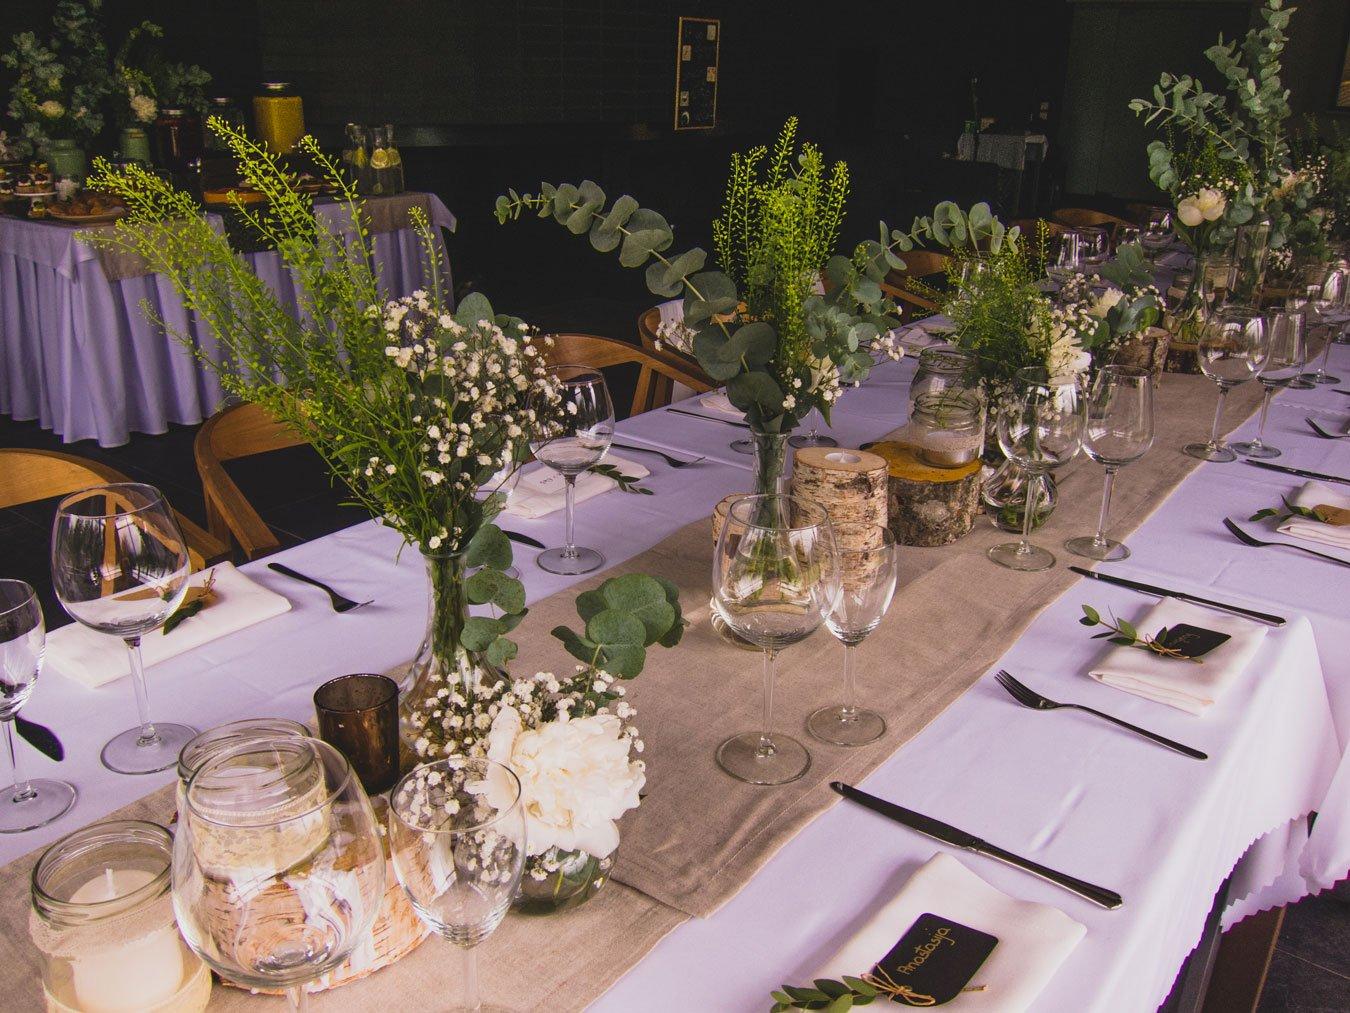 Planuojant itališkas vestuves, tiesiog būtina dengti vieną ilgą ar U formos stalą